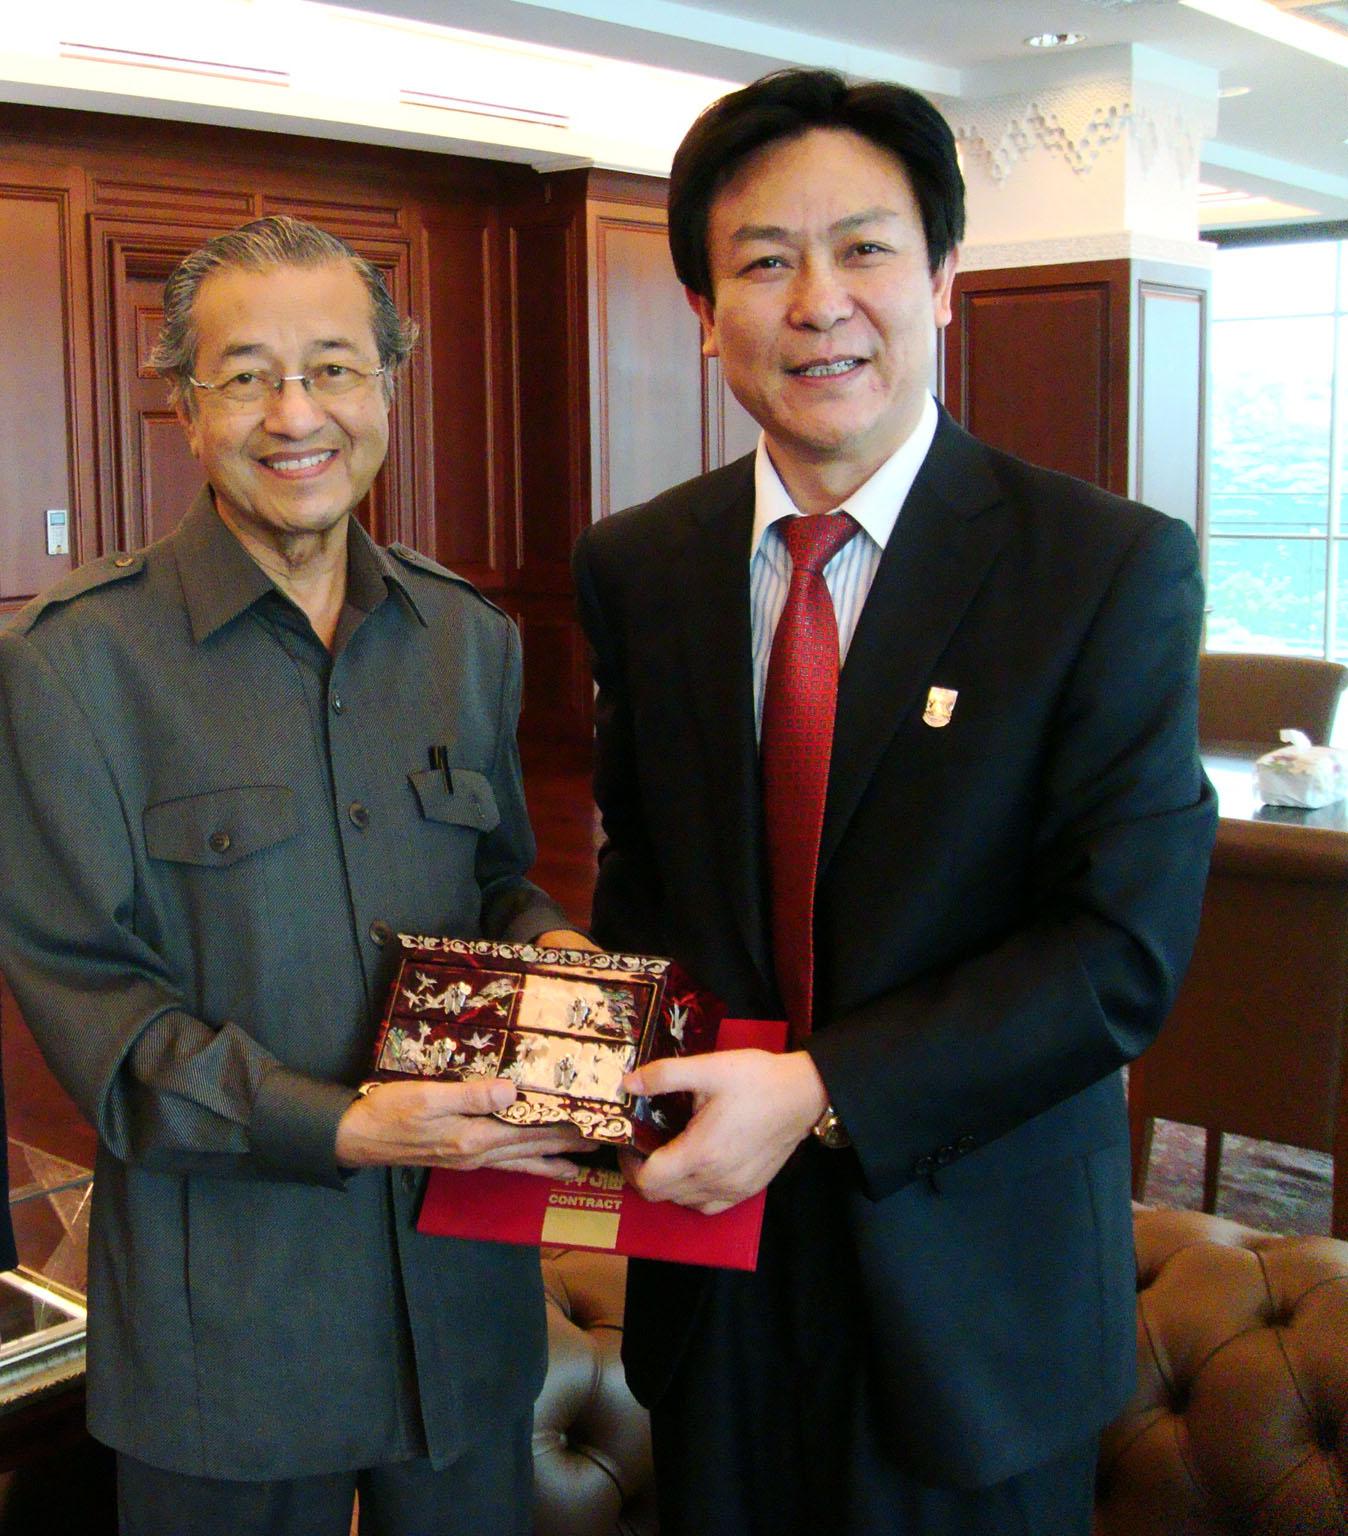 马来西亚前首相马哈蒂尔 - 副本.jpg